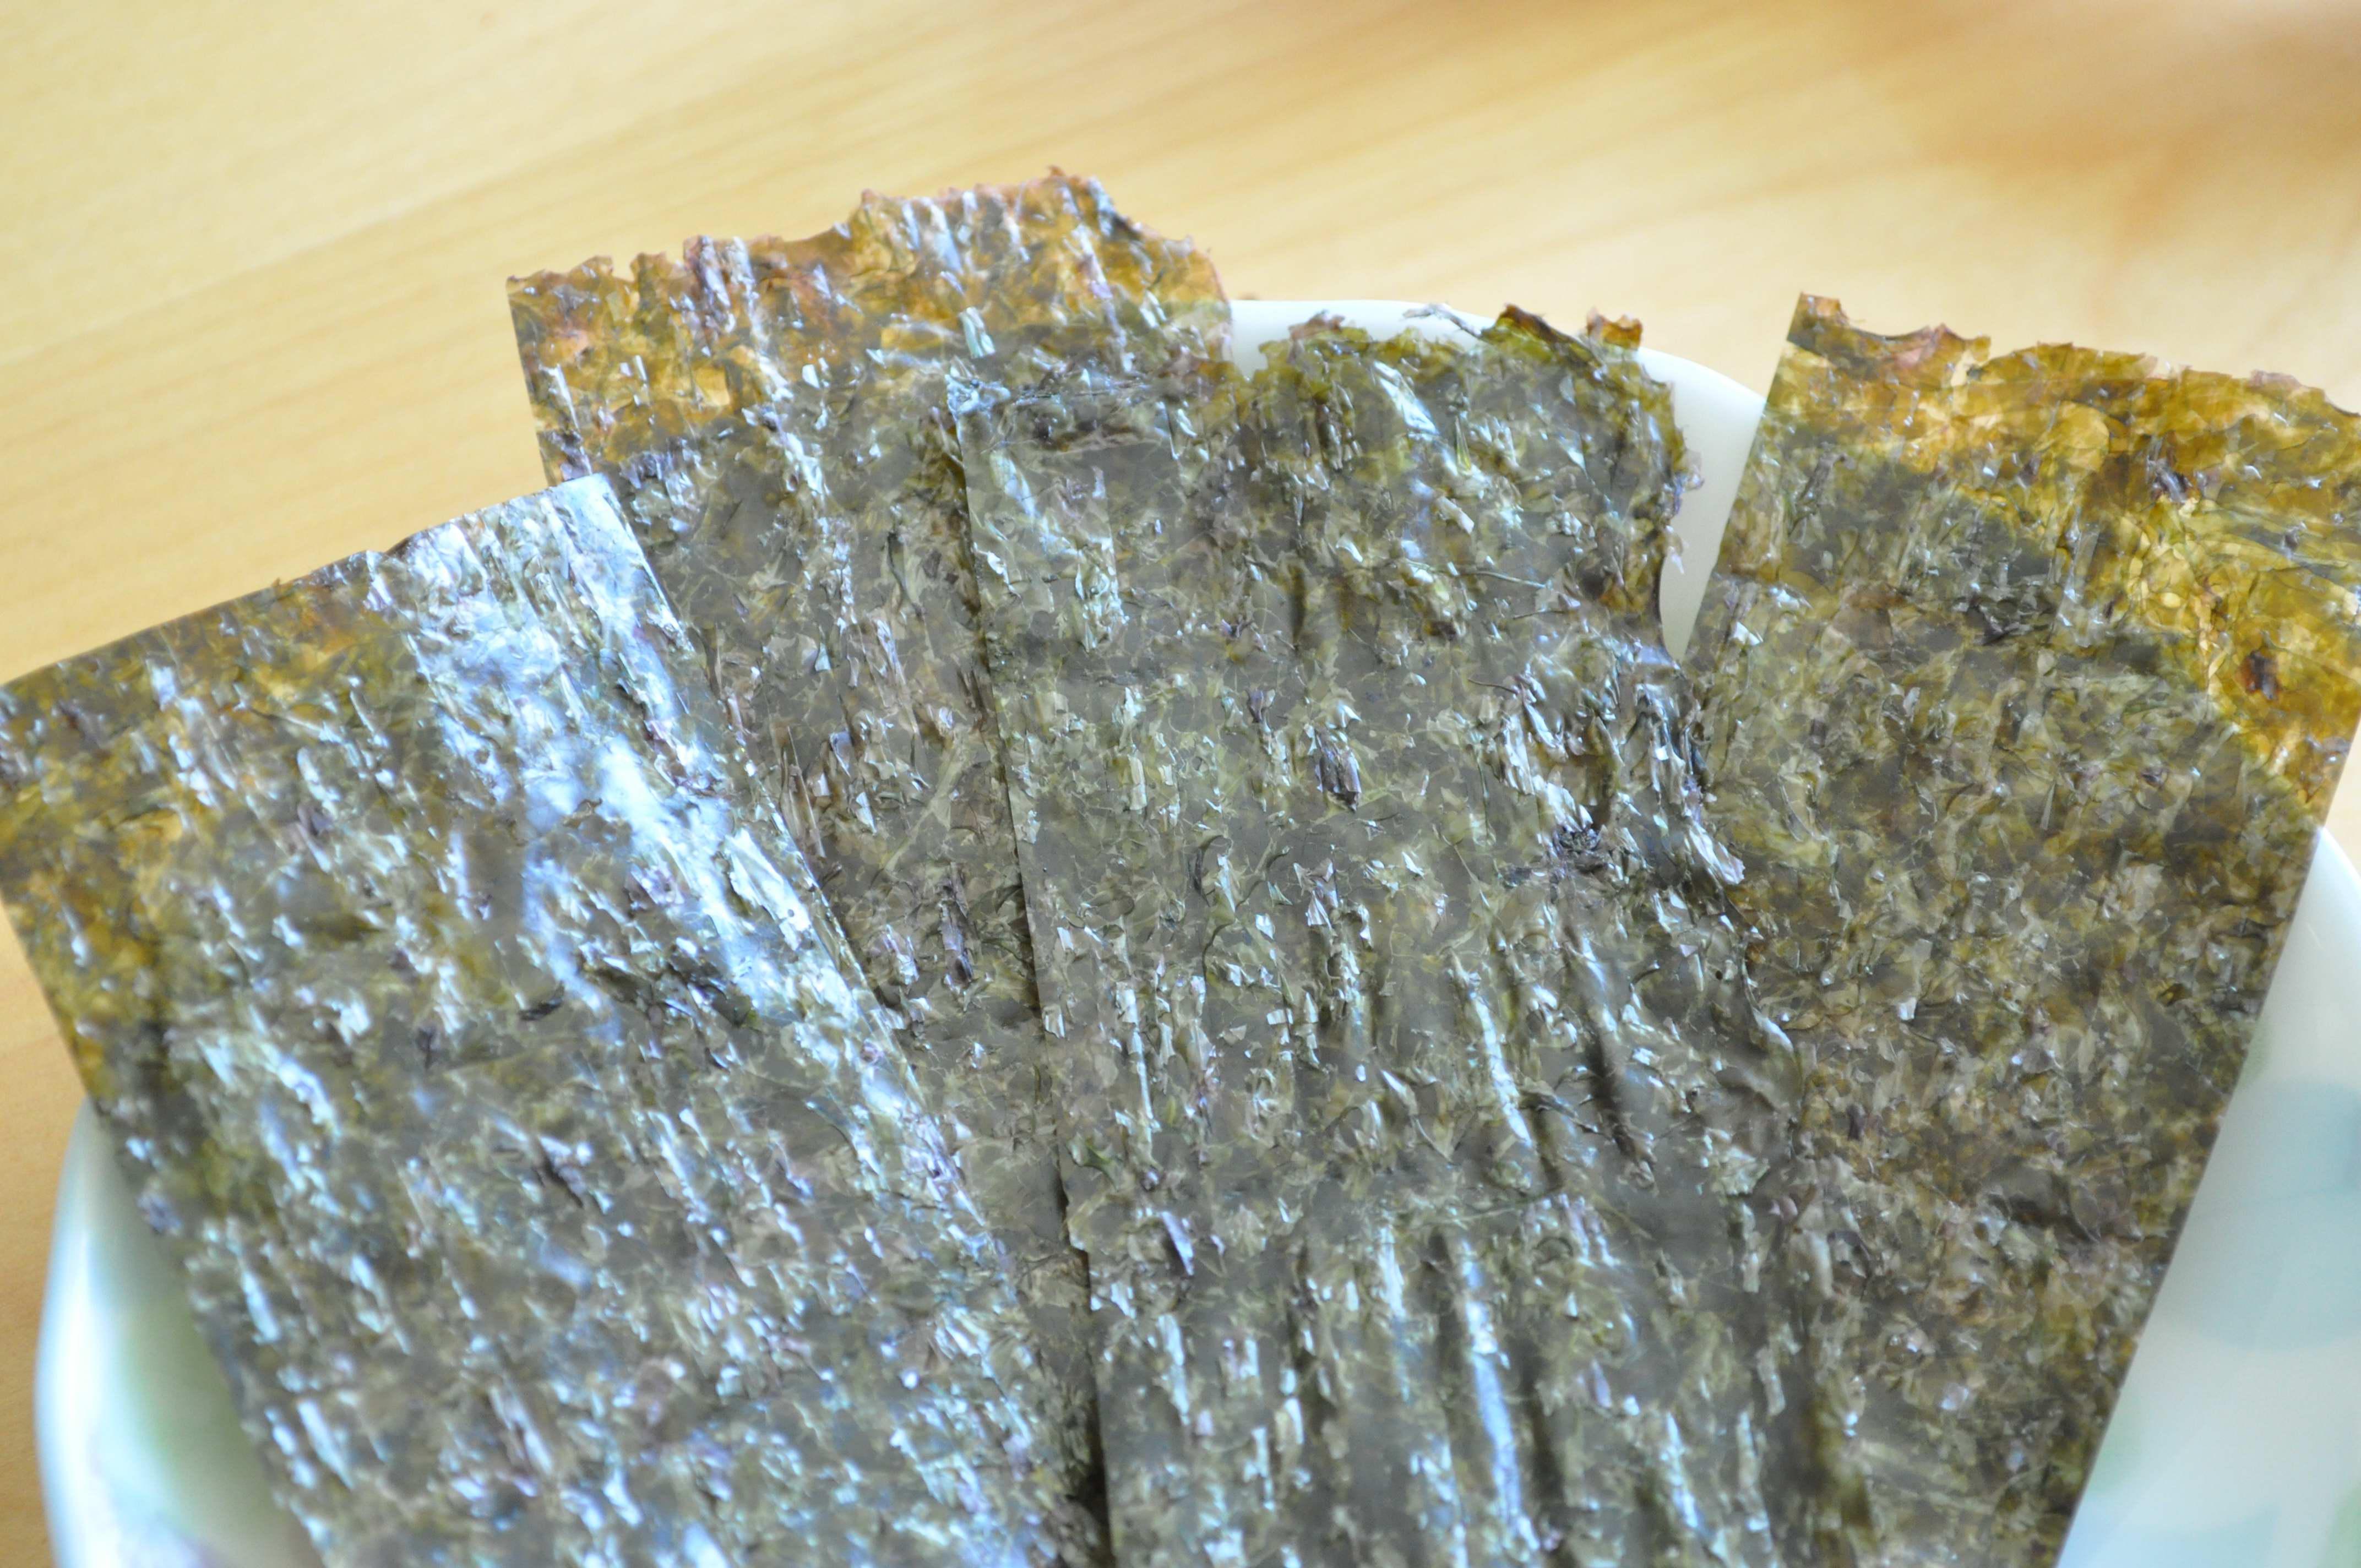 Kim(Seaweed) cut in strips